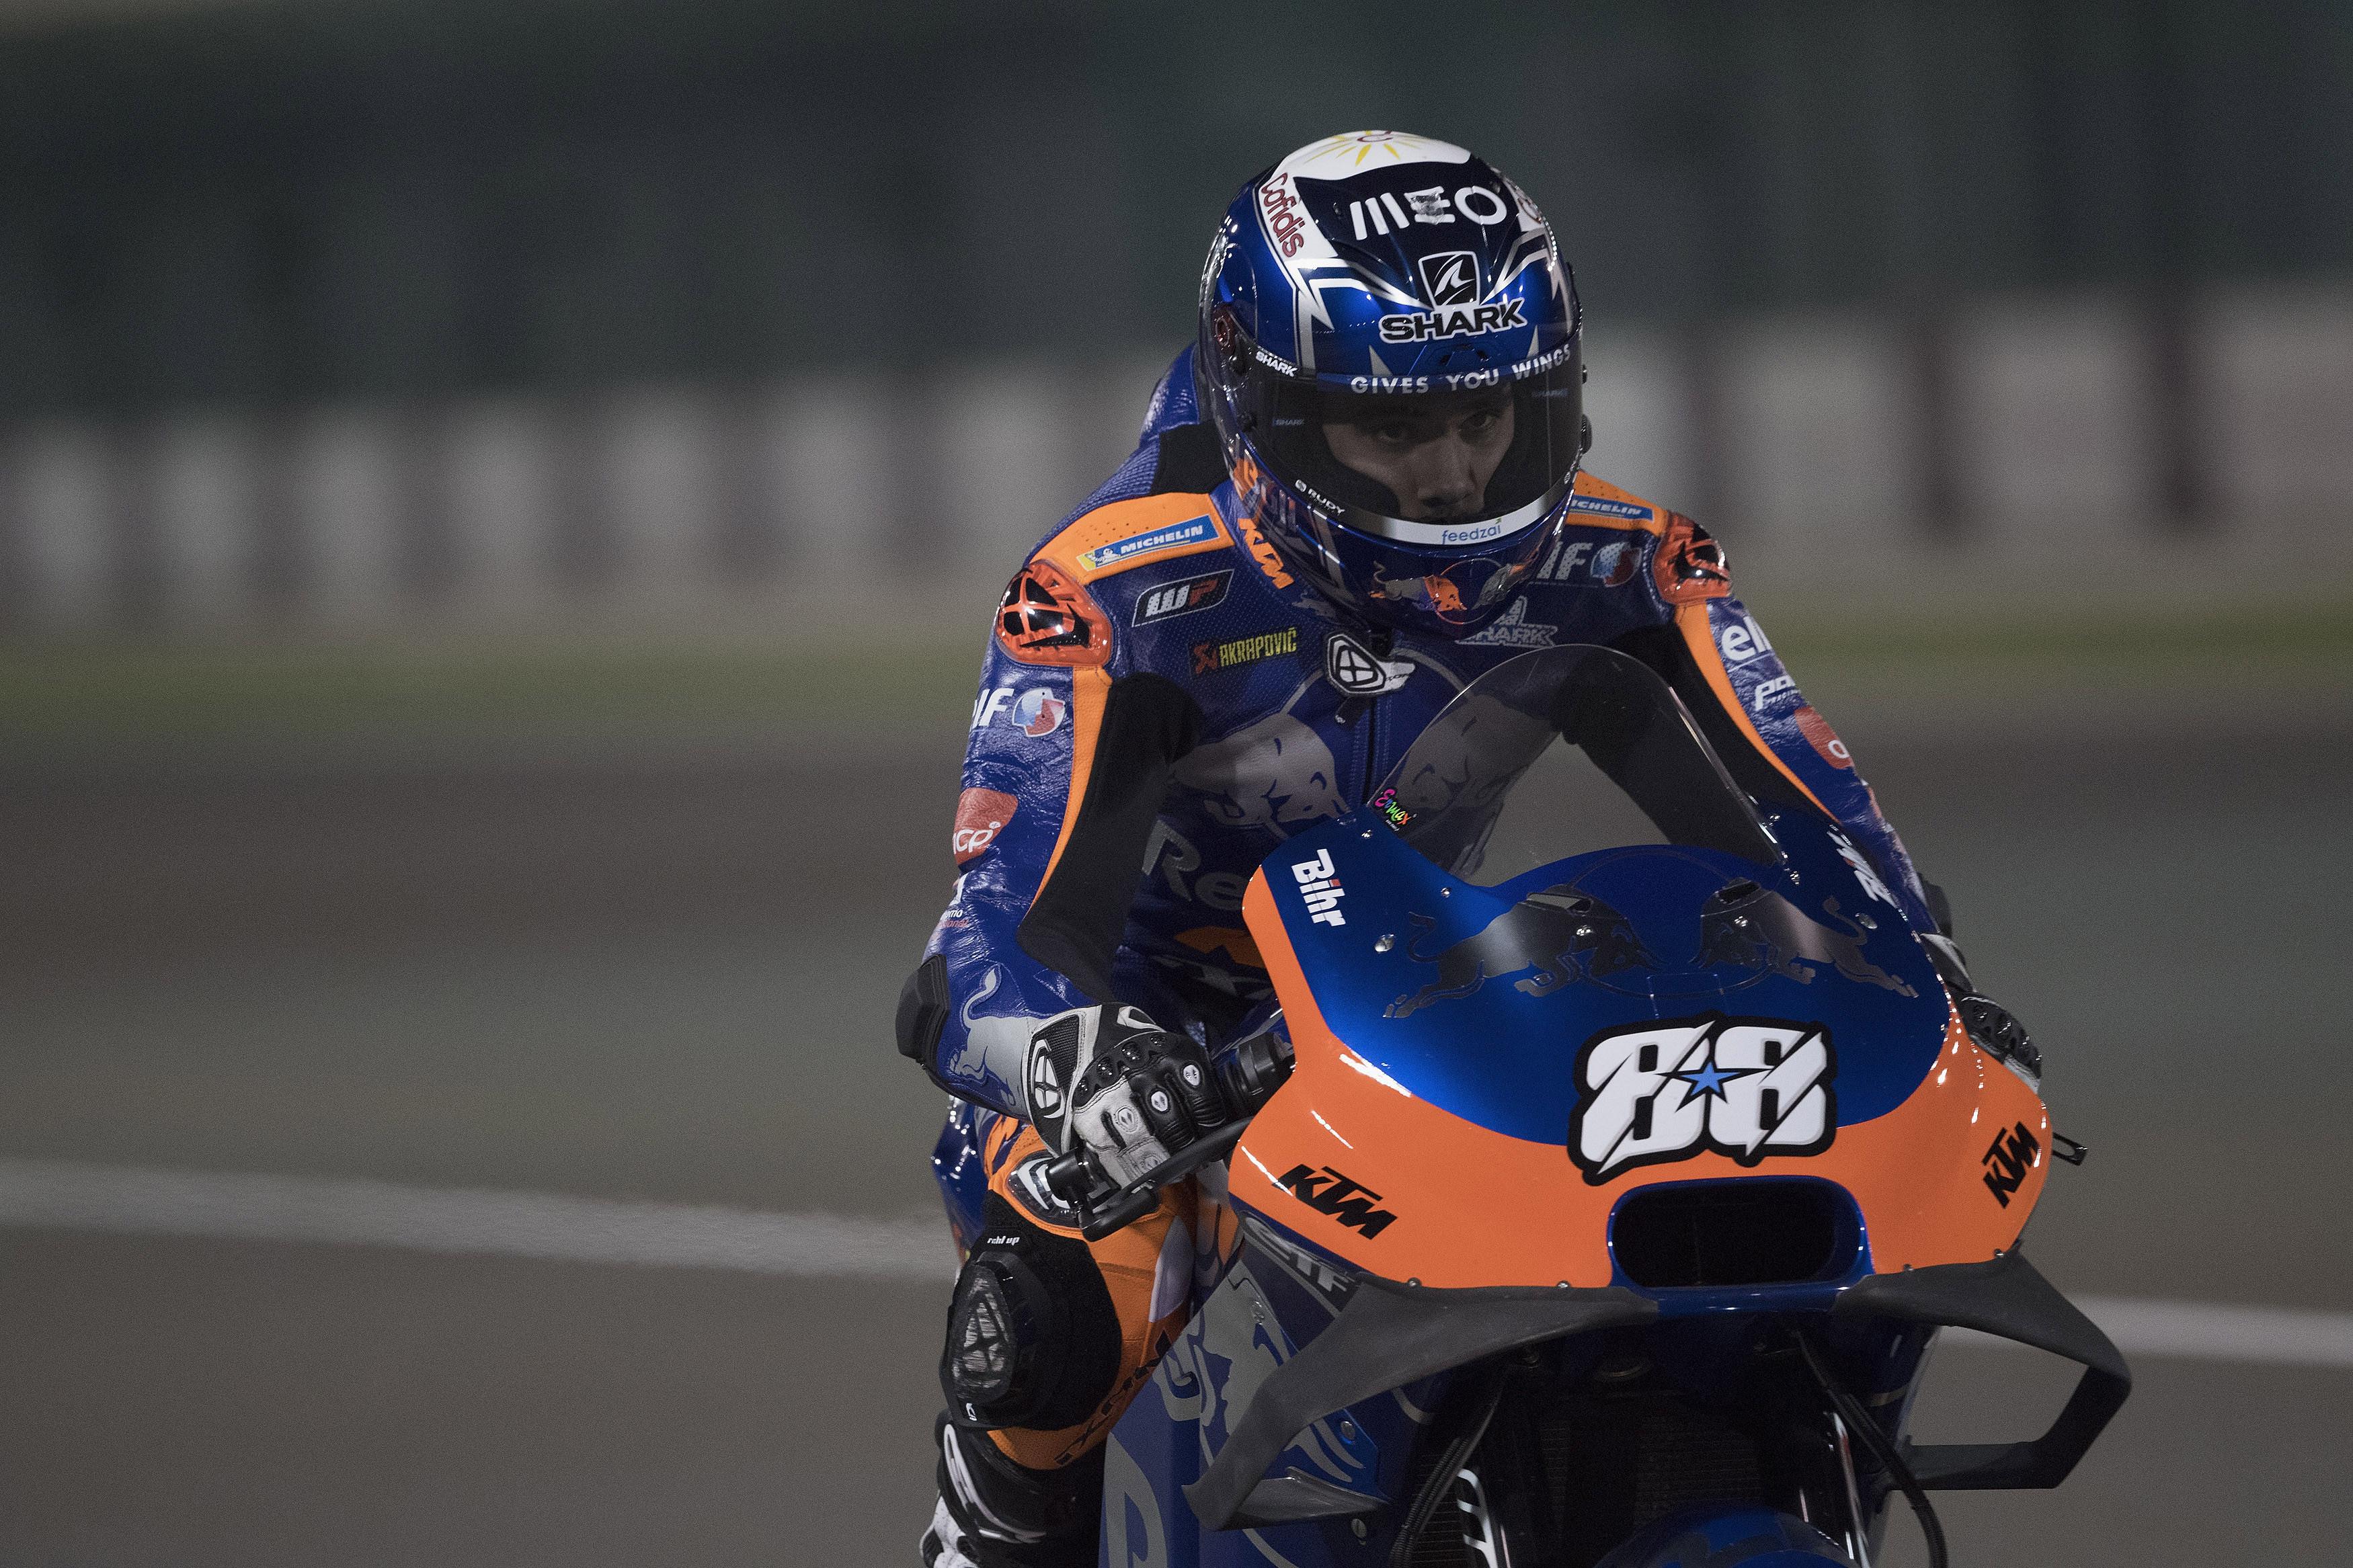 Miguel Oliveira parte do 17.º lugar no GP do Qatar